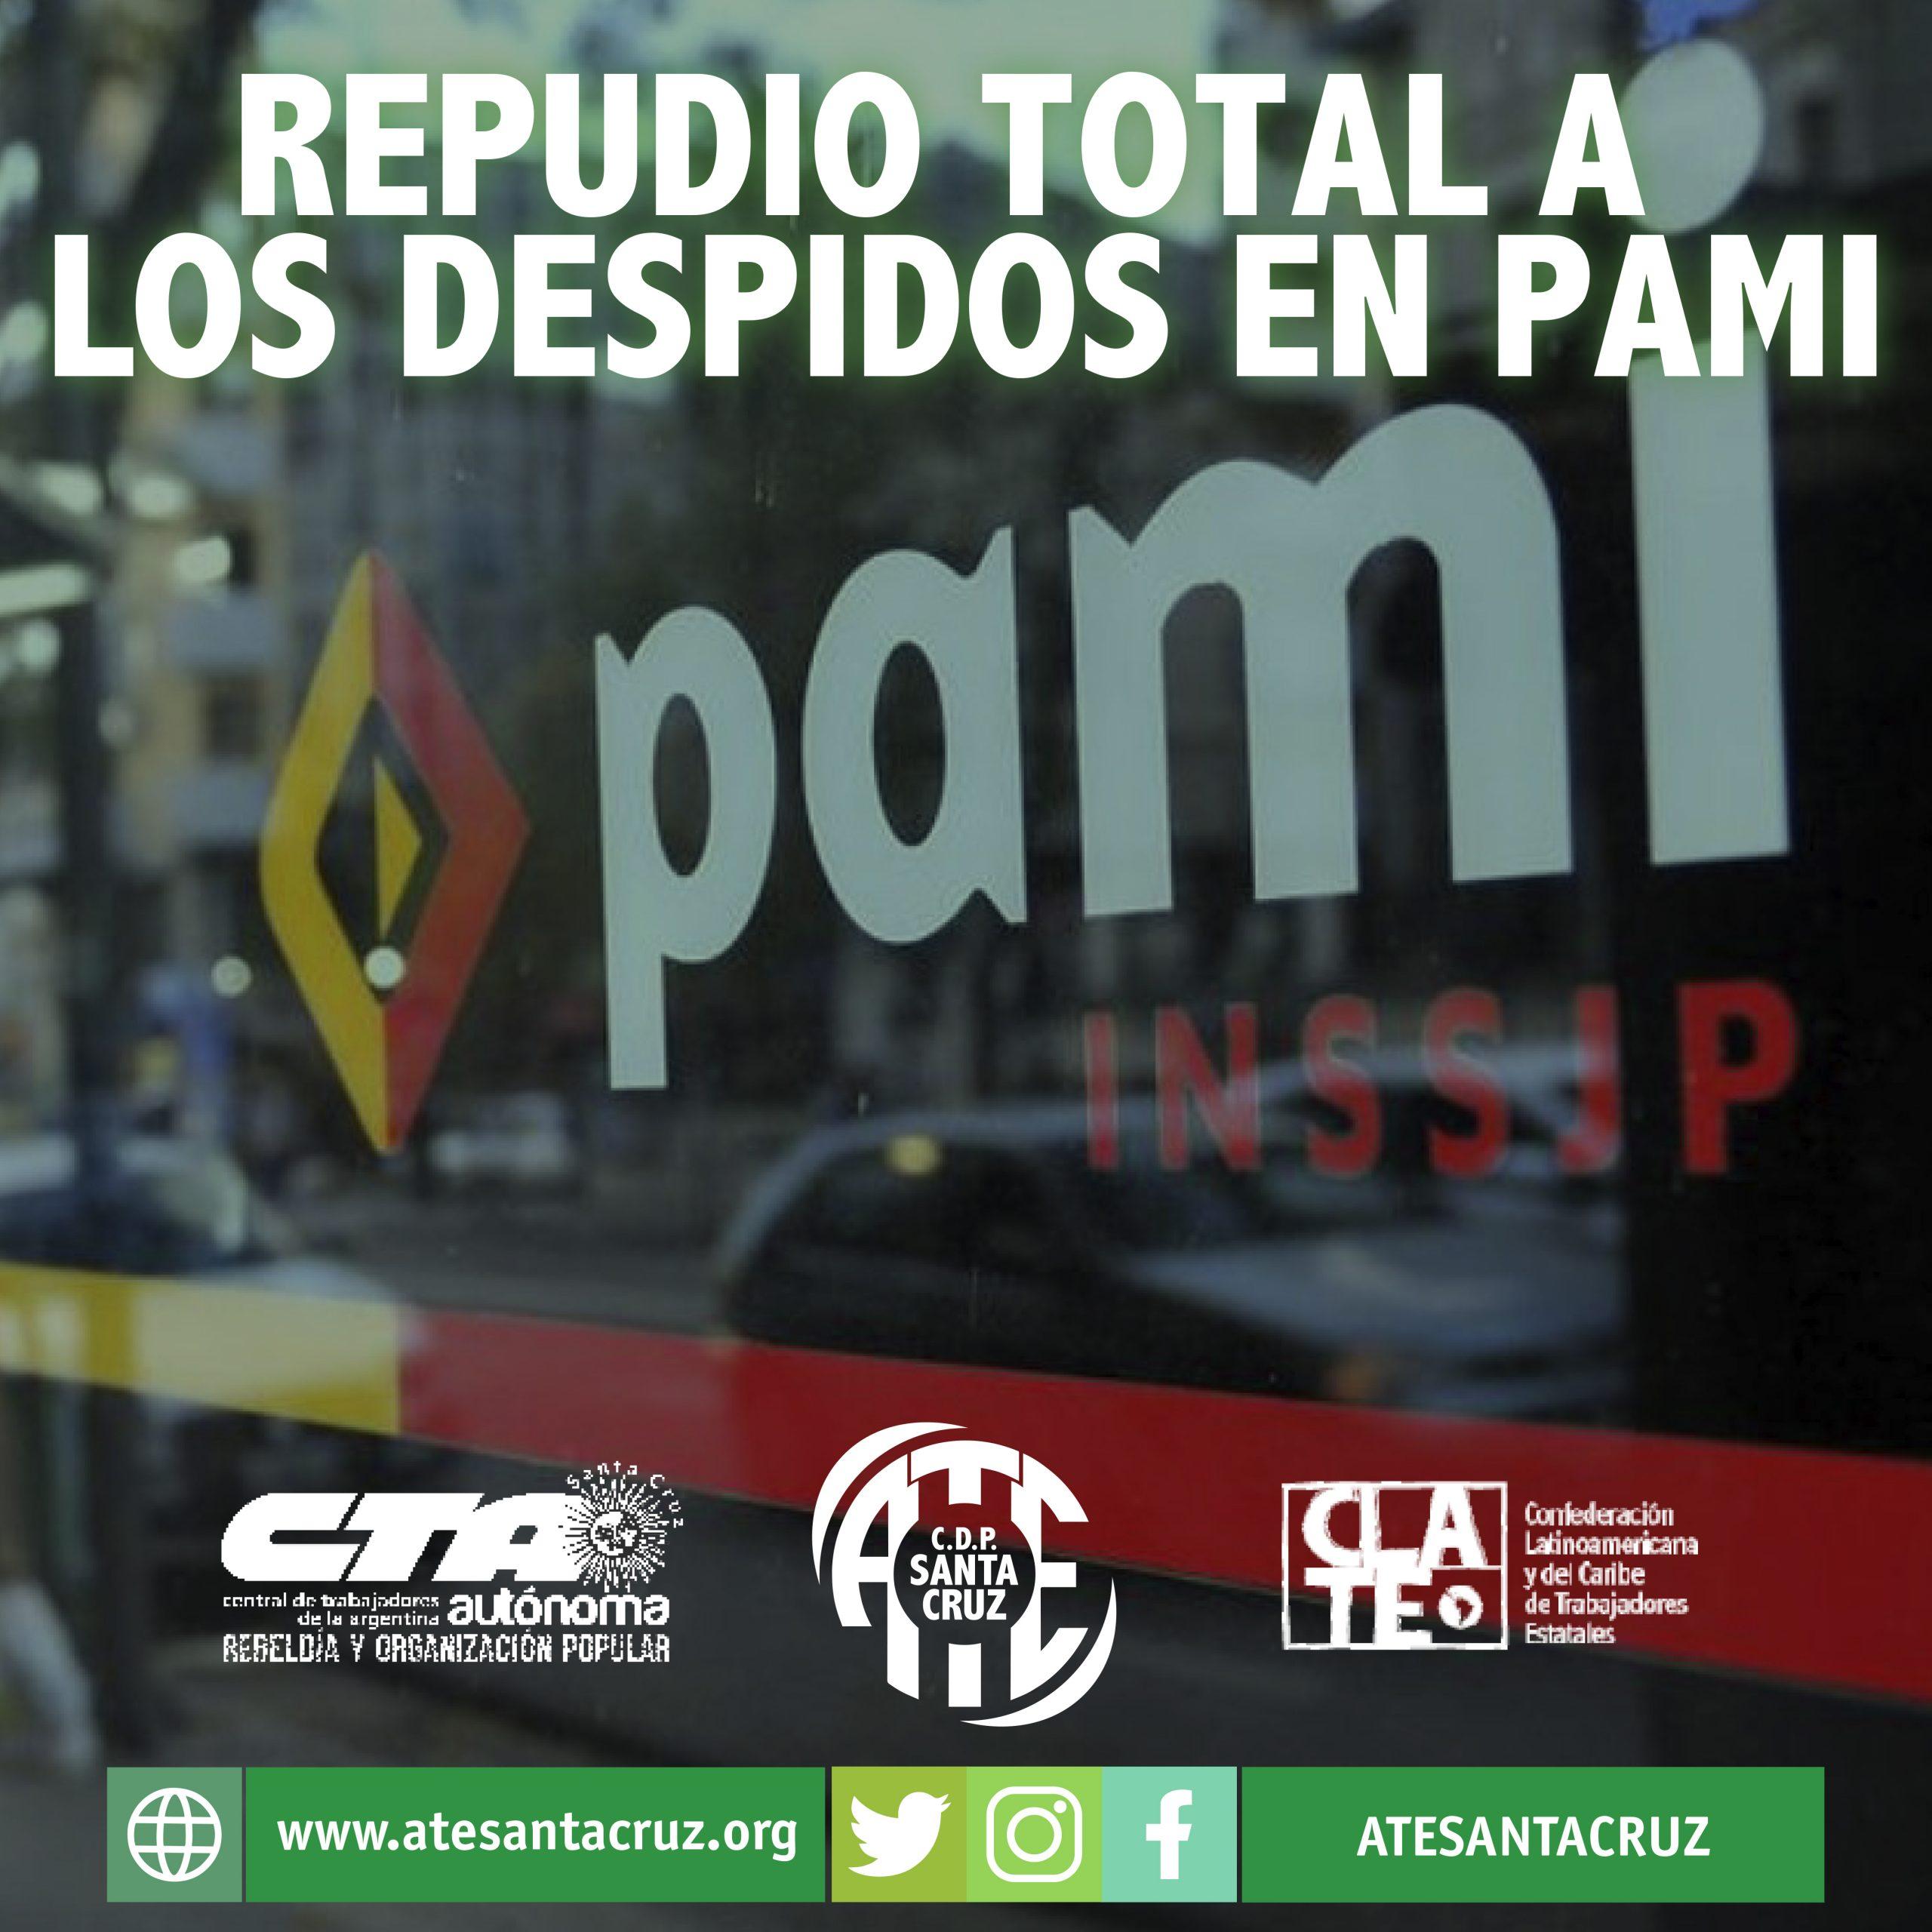 Repudio total a los despidos en PAMI